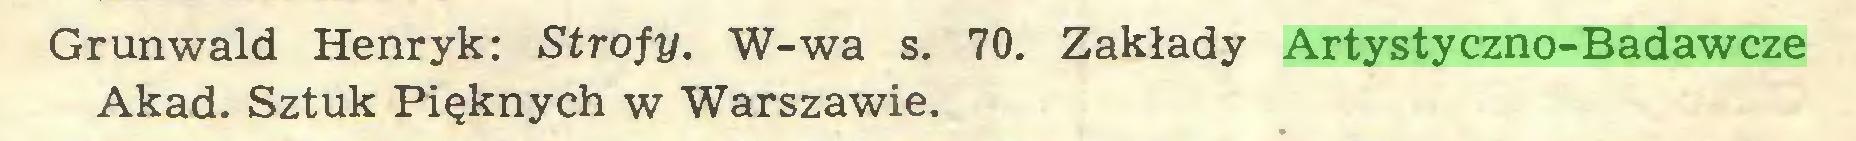 (...) Grunwald Henryk: Strofy. W-wa s. 70. Zakłady Artystyczno-Badawcze Akad. Sztuk Pięknych w Warszawie...